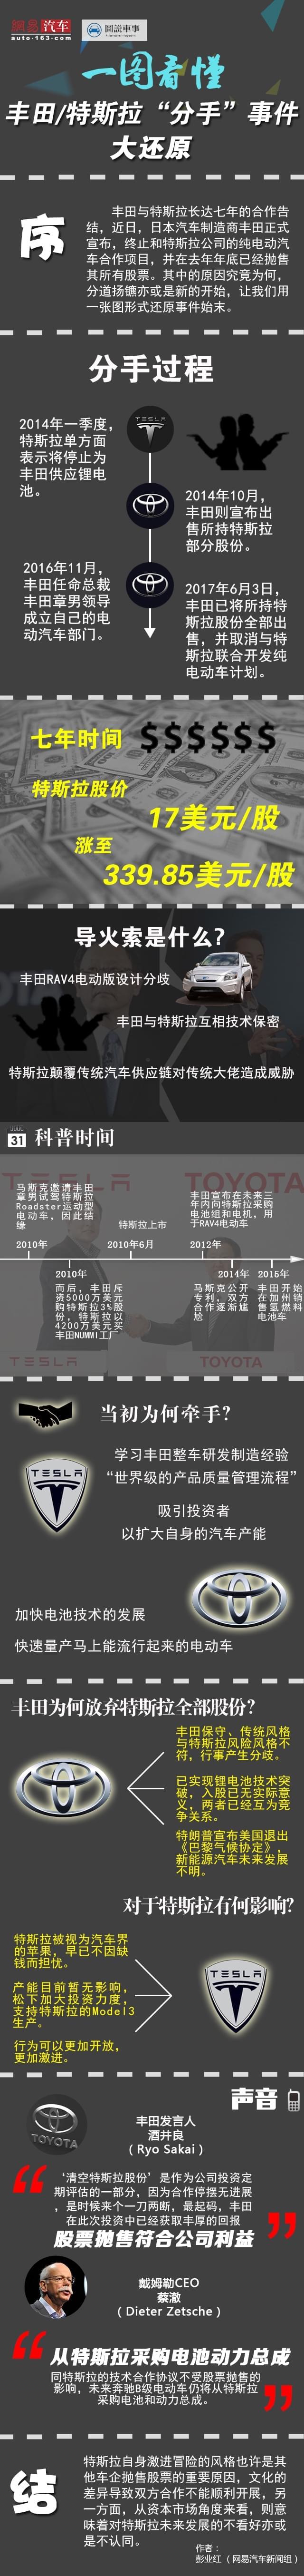 丰田抛售全部特斯拉股份 道不同不相为谋